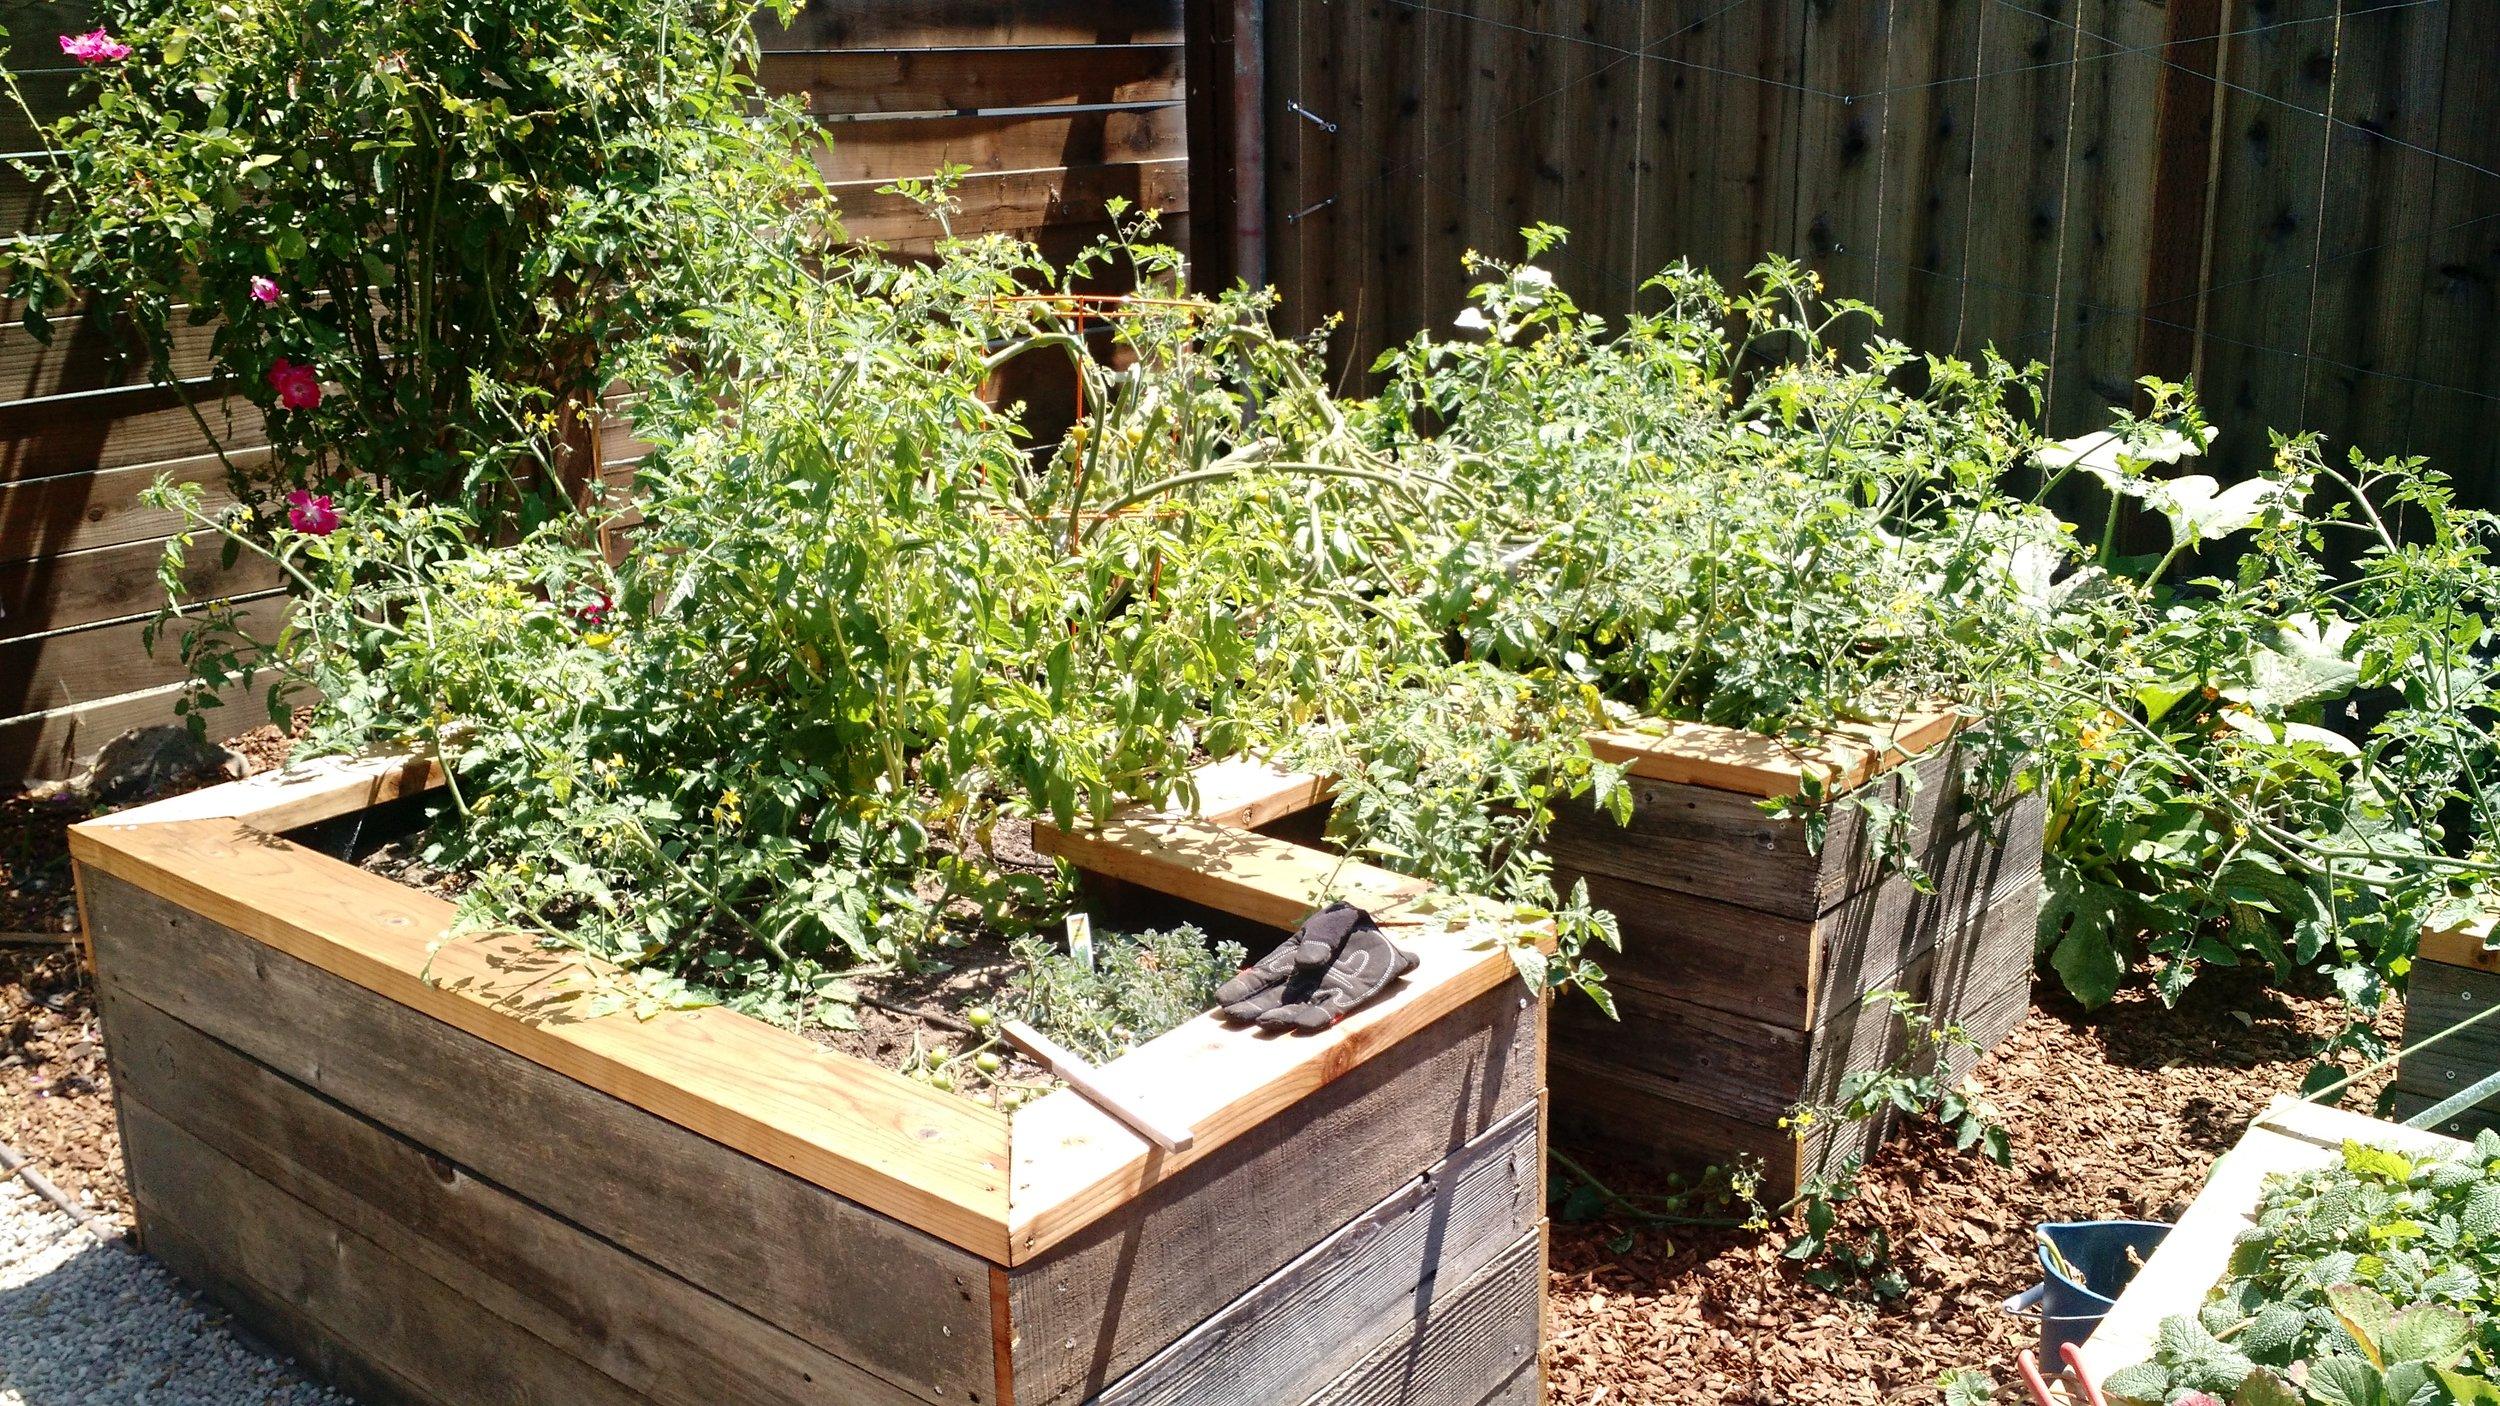 planter boxes in edible TYY garden